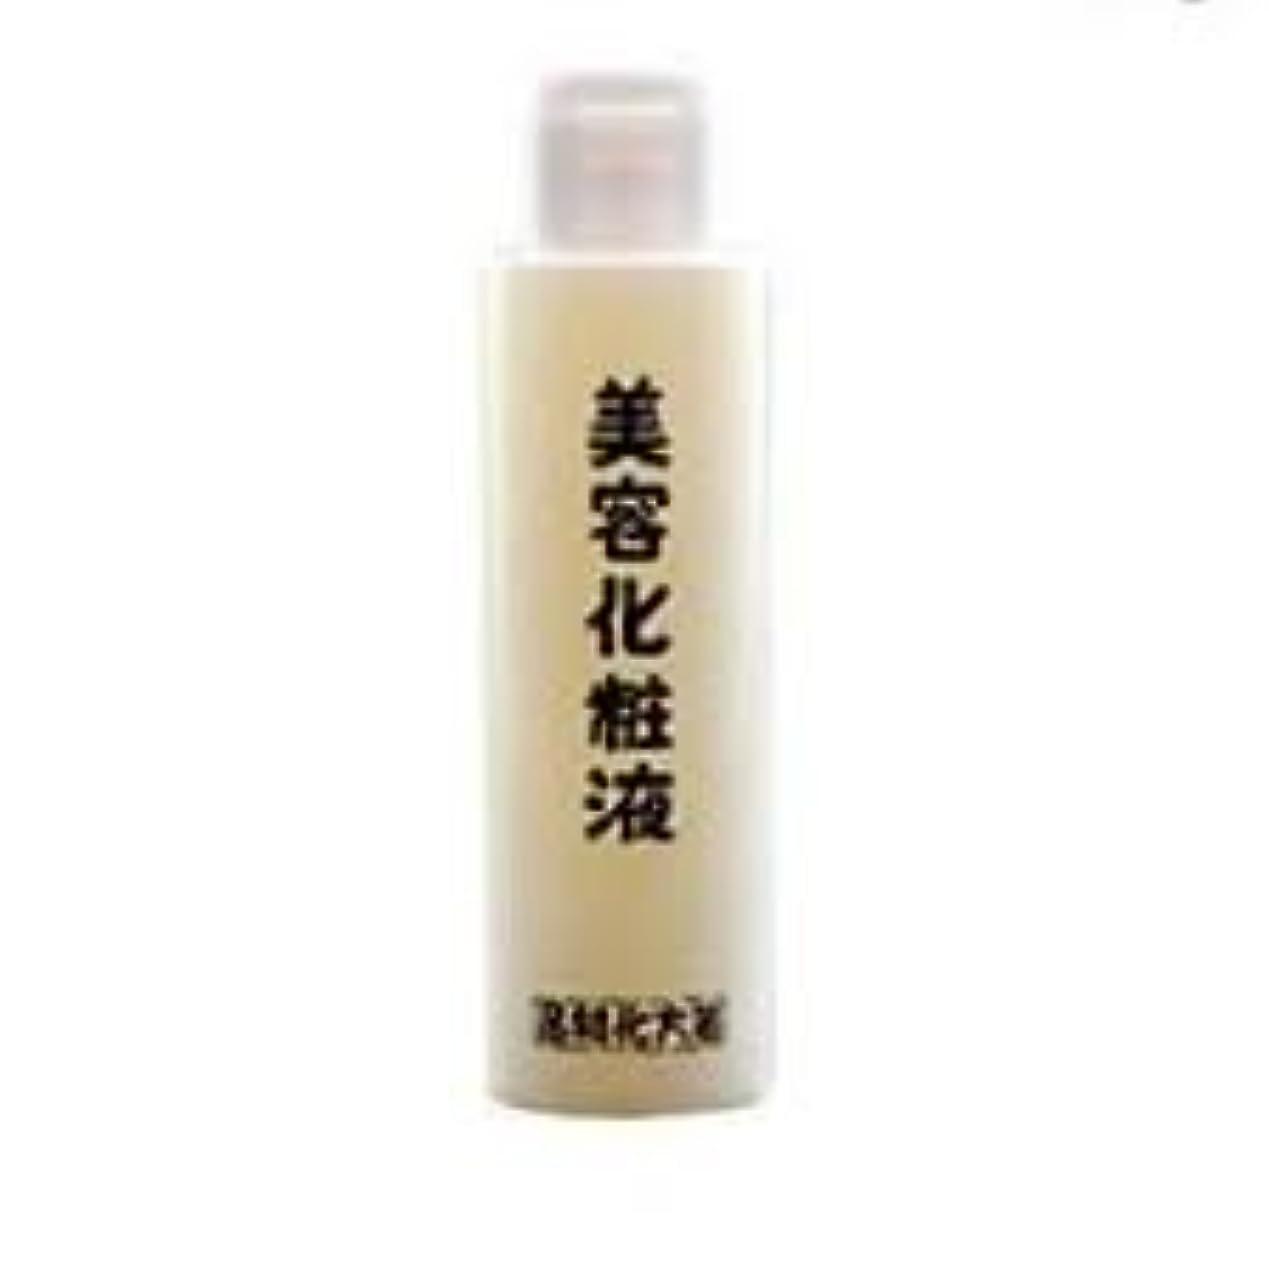 岩太鼓腹慣らす箸方化粧品 美容化粧液 化粧水 120ml はしかた化粧品